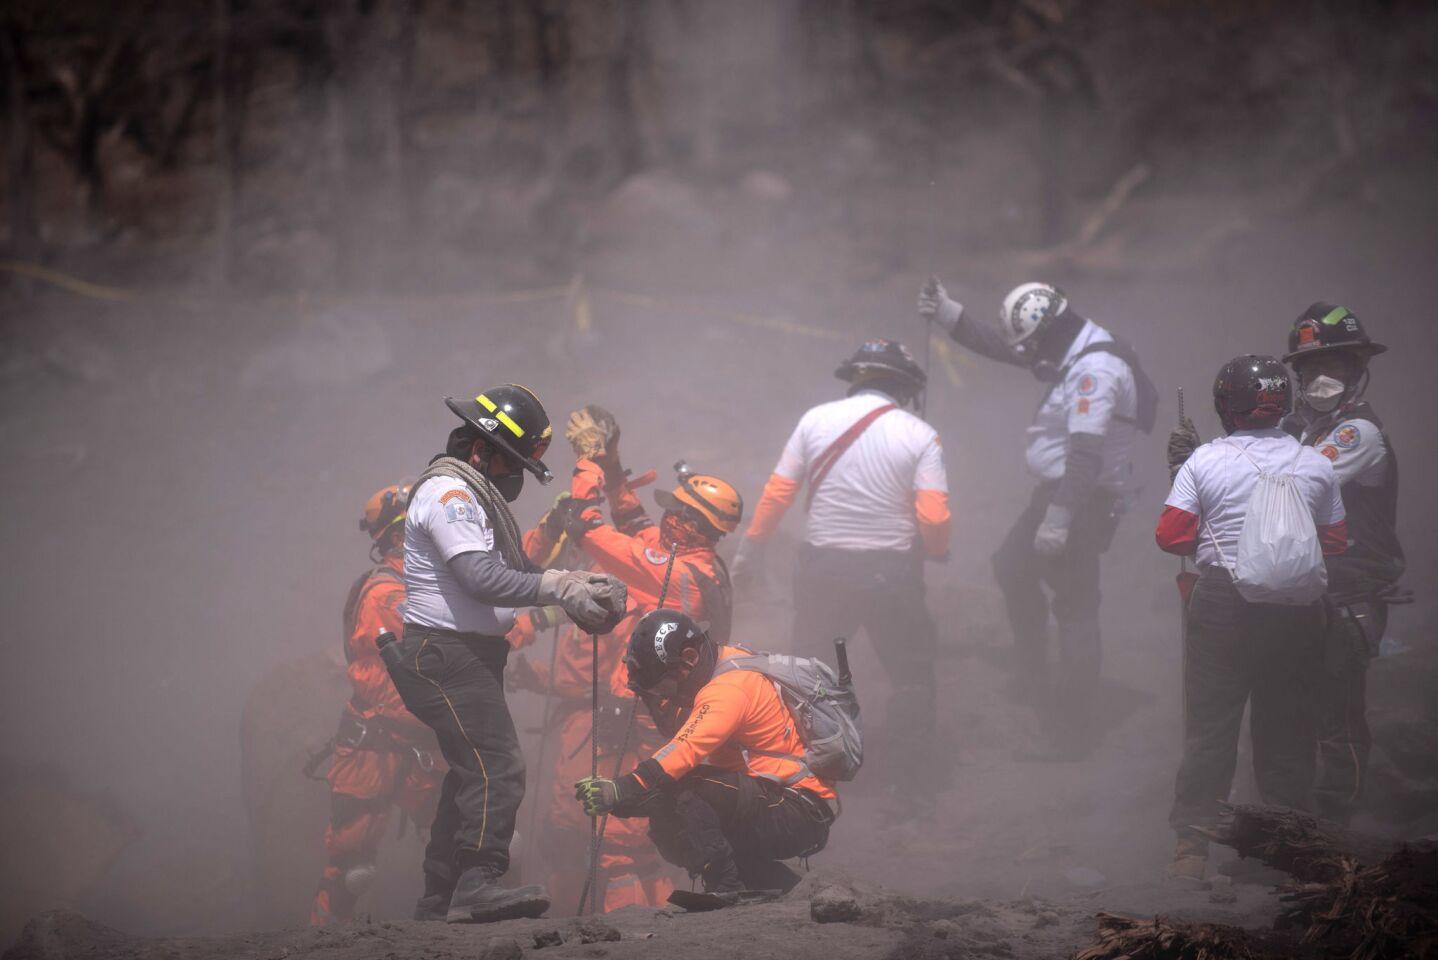 Rescatistas continúan las labores de búsqueda y rescate en el área de El Rodeo, en el departamento de Escuintla (Guatemala). Los cadáveres de ocho víctimas de las erupciones del volcán de Fuego fueron rescatados hoy por las brigadas de búsqueda en una comunidad del departamento sureño de Escuintla, constató un fotógrafo de Efe, lo que elevó a al menos 84 la cifra de muertos. Los cuerpos fueron hallados entre los escombros de la comunidad de San Miguel Los Lotes, la cual quedó soterrada bajo miles de toneladas de material volcánico. EFE/Santiago Billy